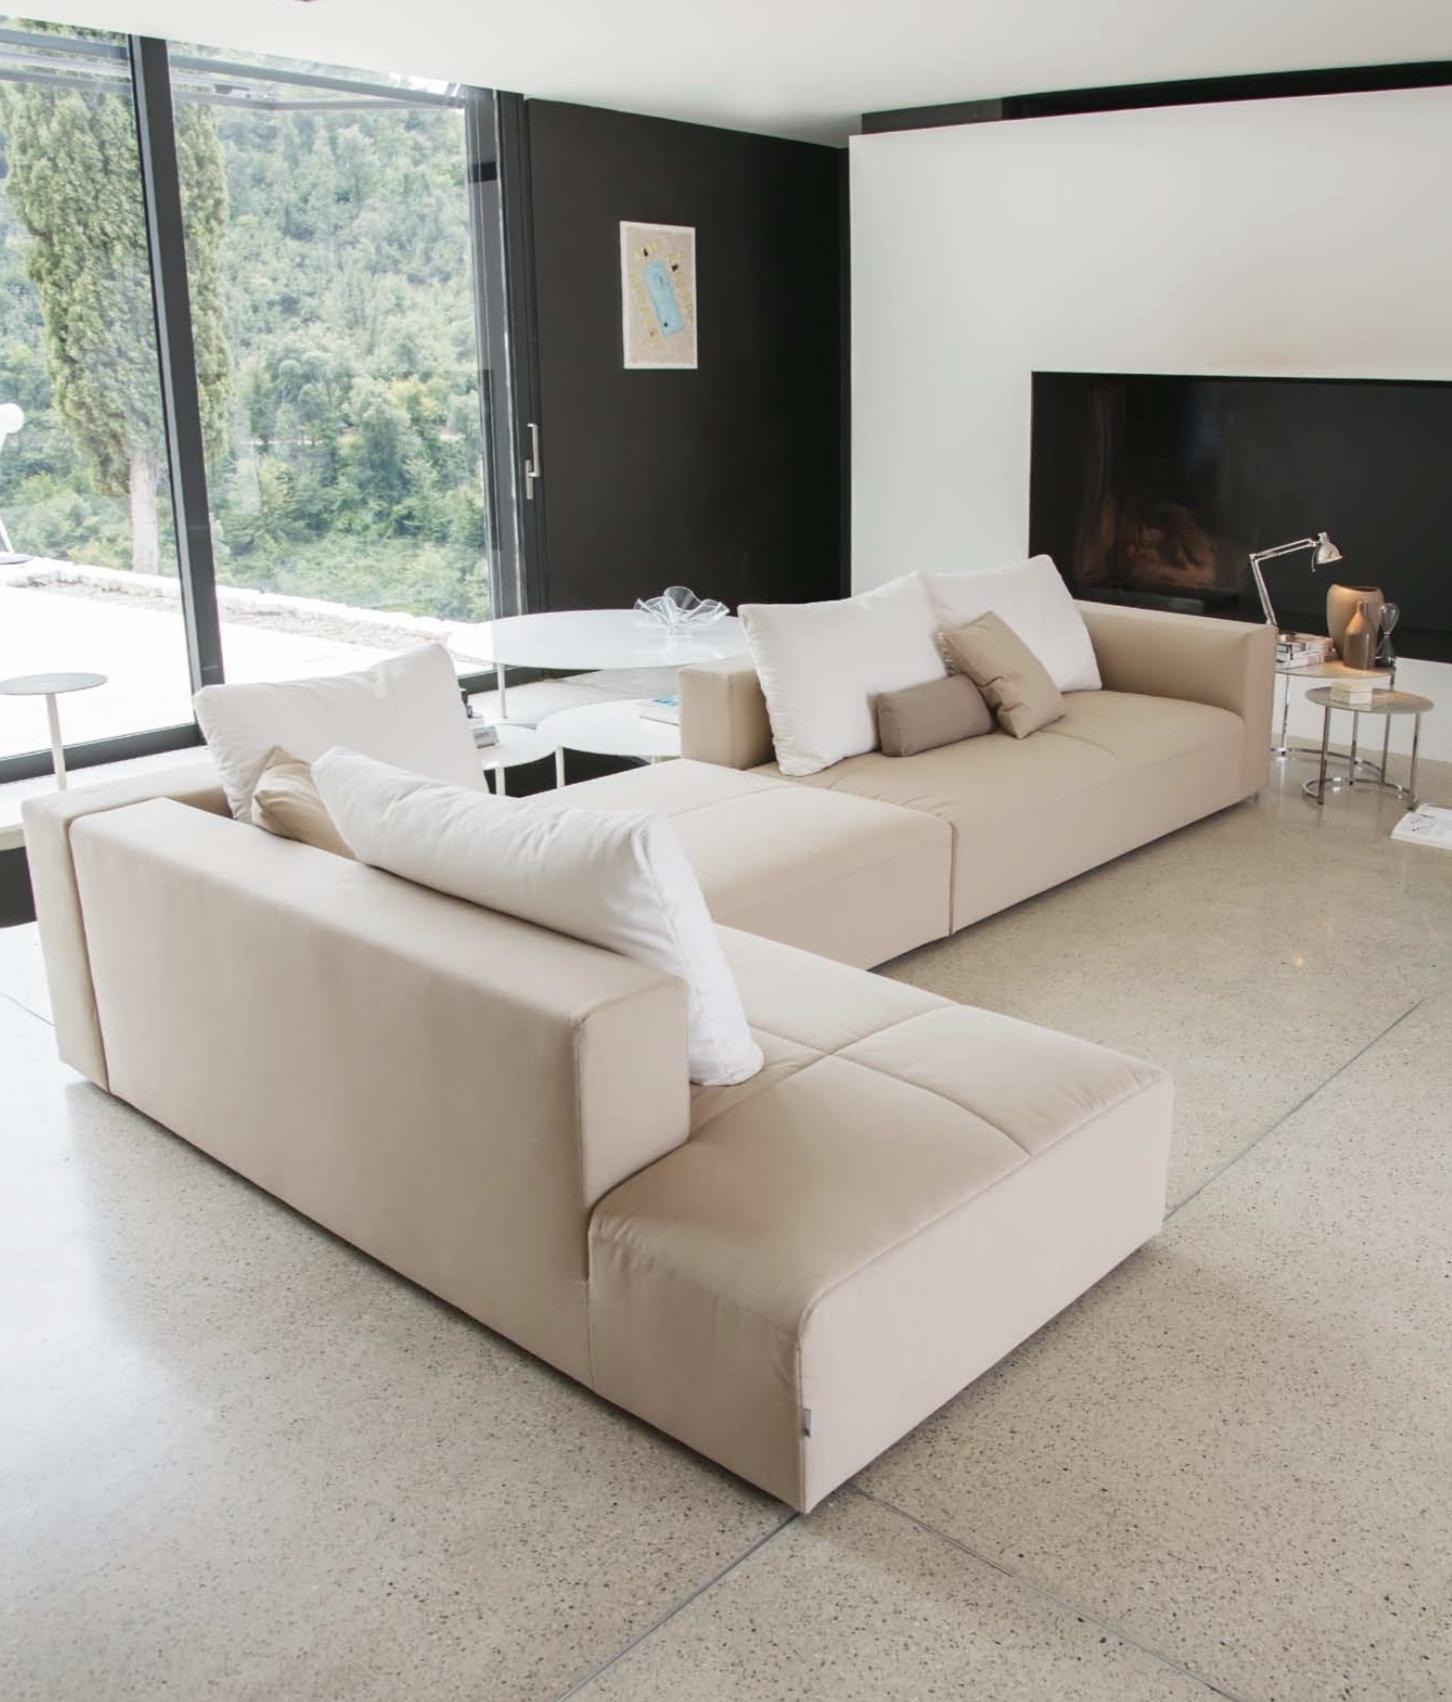 Momentoitalia Italian Modern Sofas (View 14 of 20)